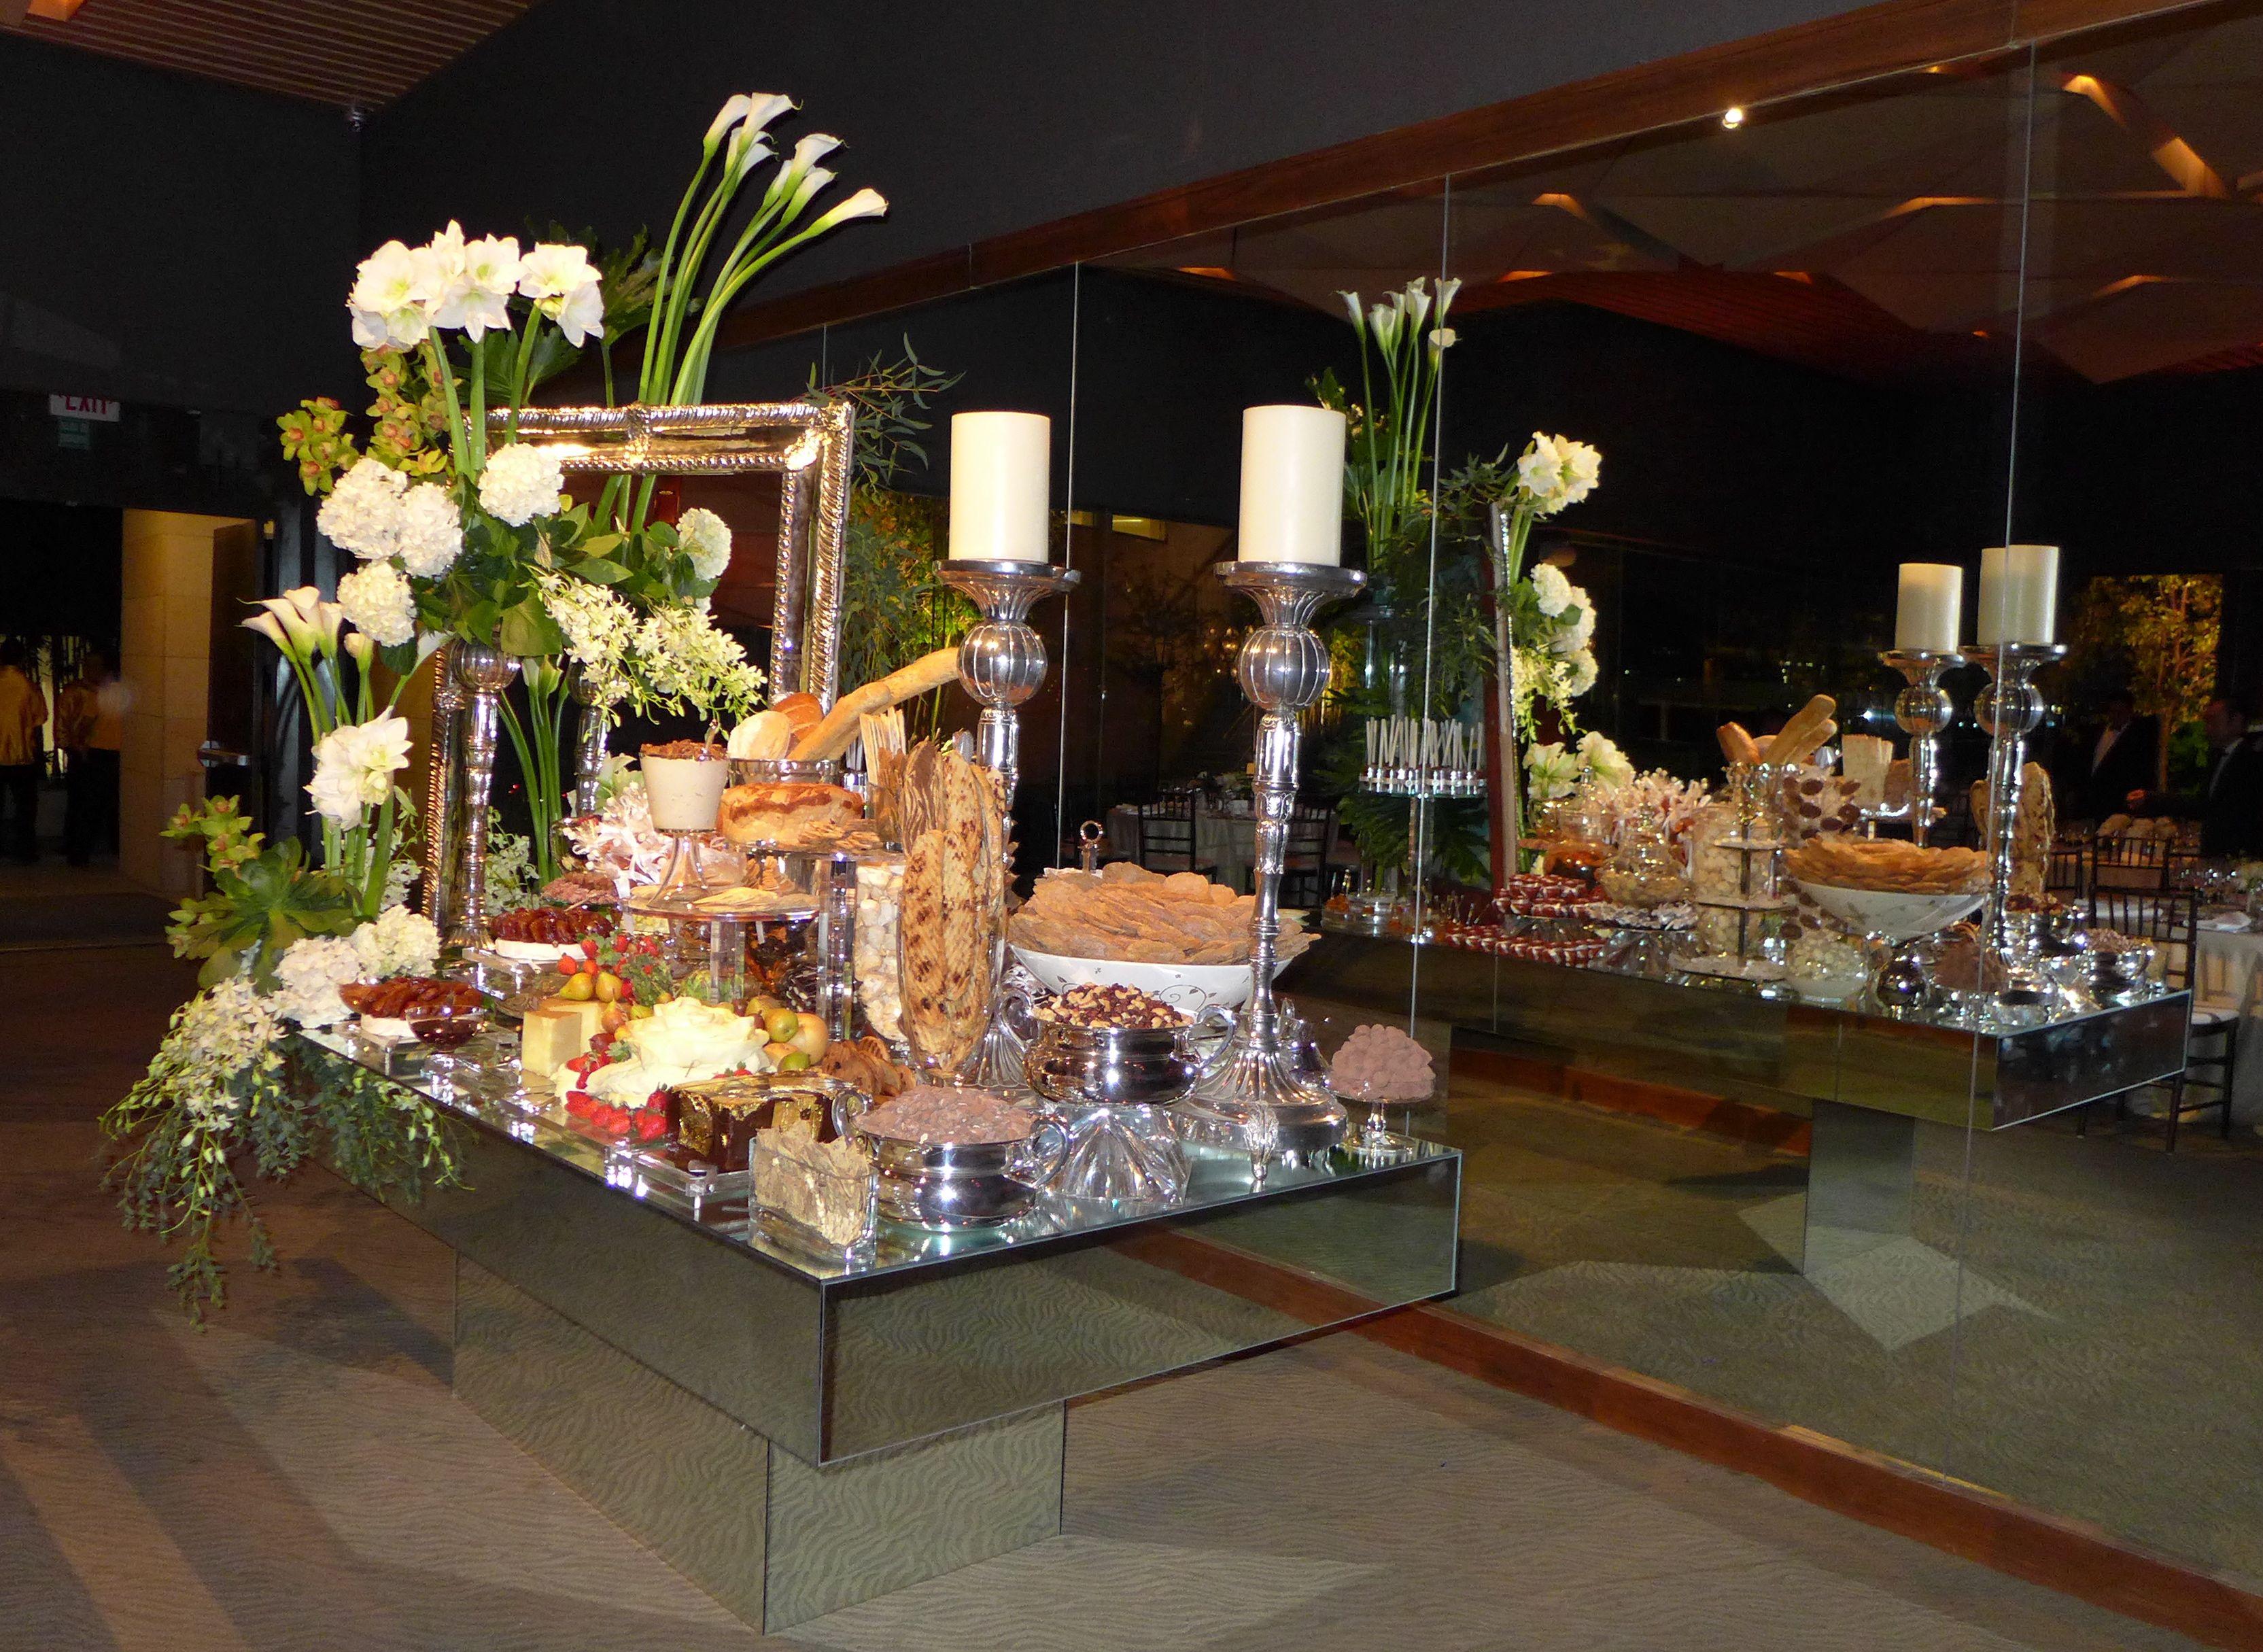 Mesa ESPEJO como mesa de quesos y postres en boda  Mesas